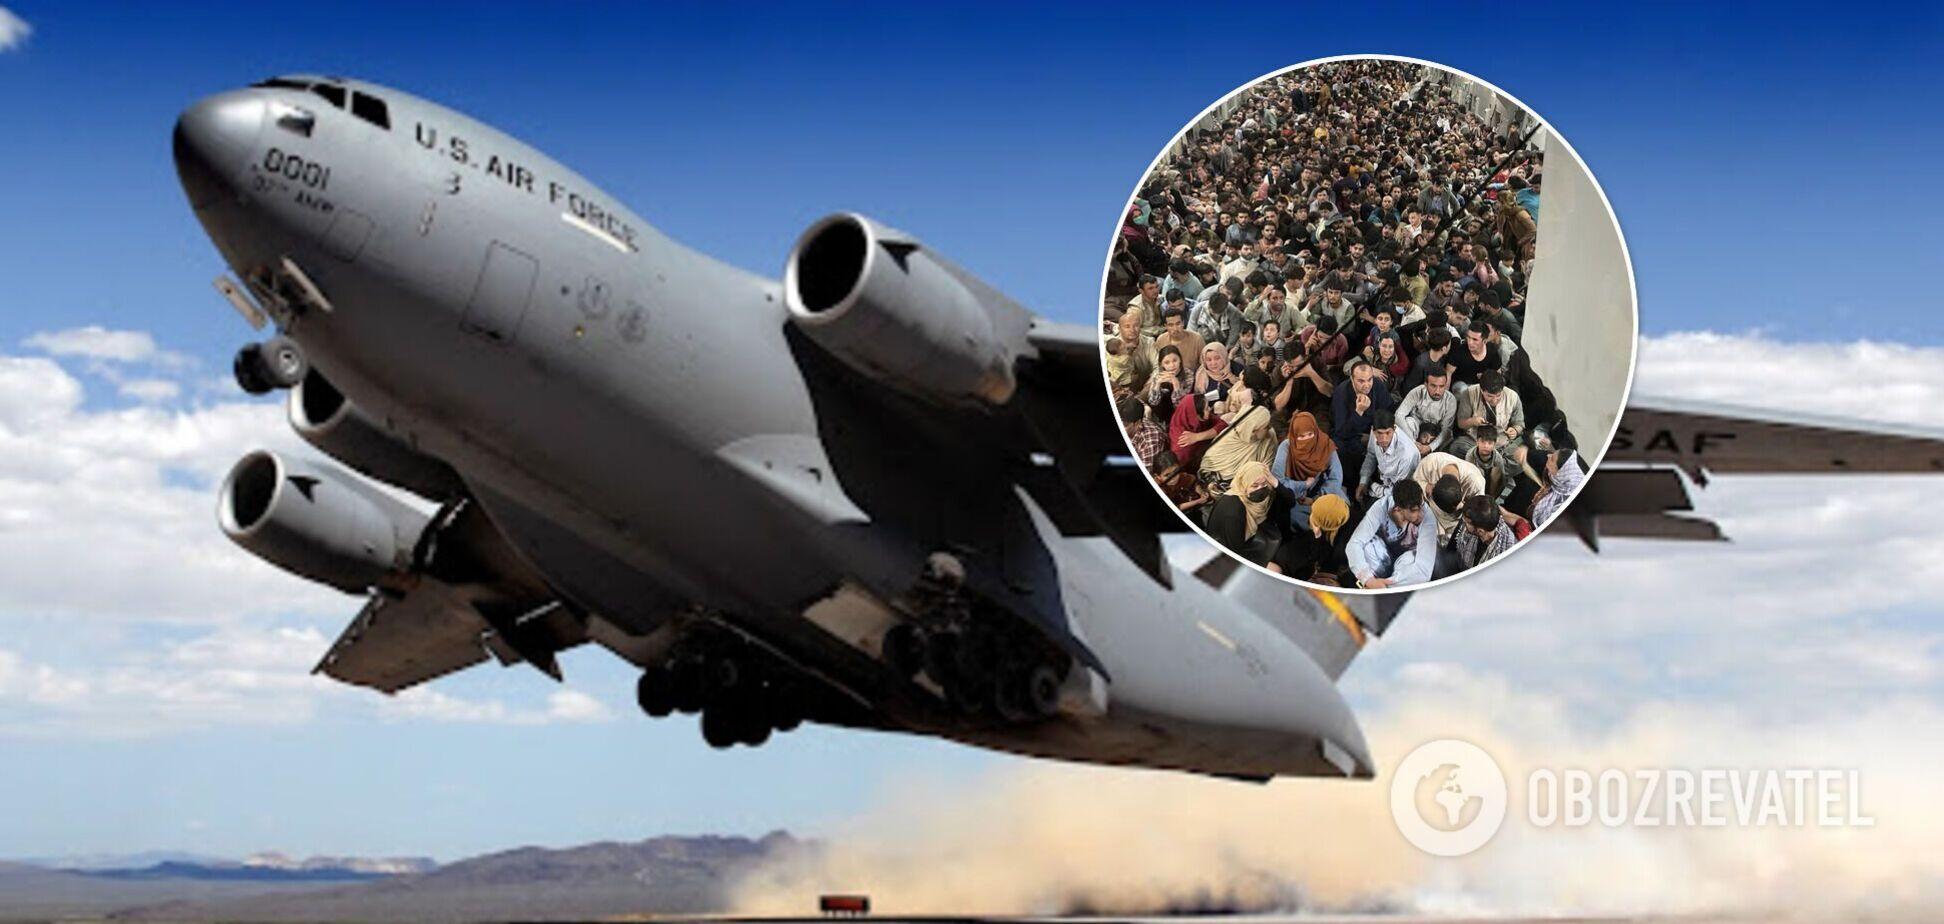 Літаком Boeing C-17 евакуювали 640 осіб з Афганістану